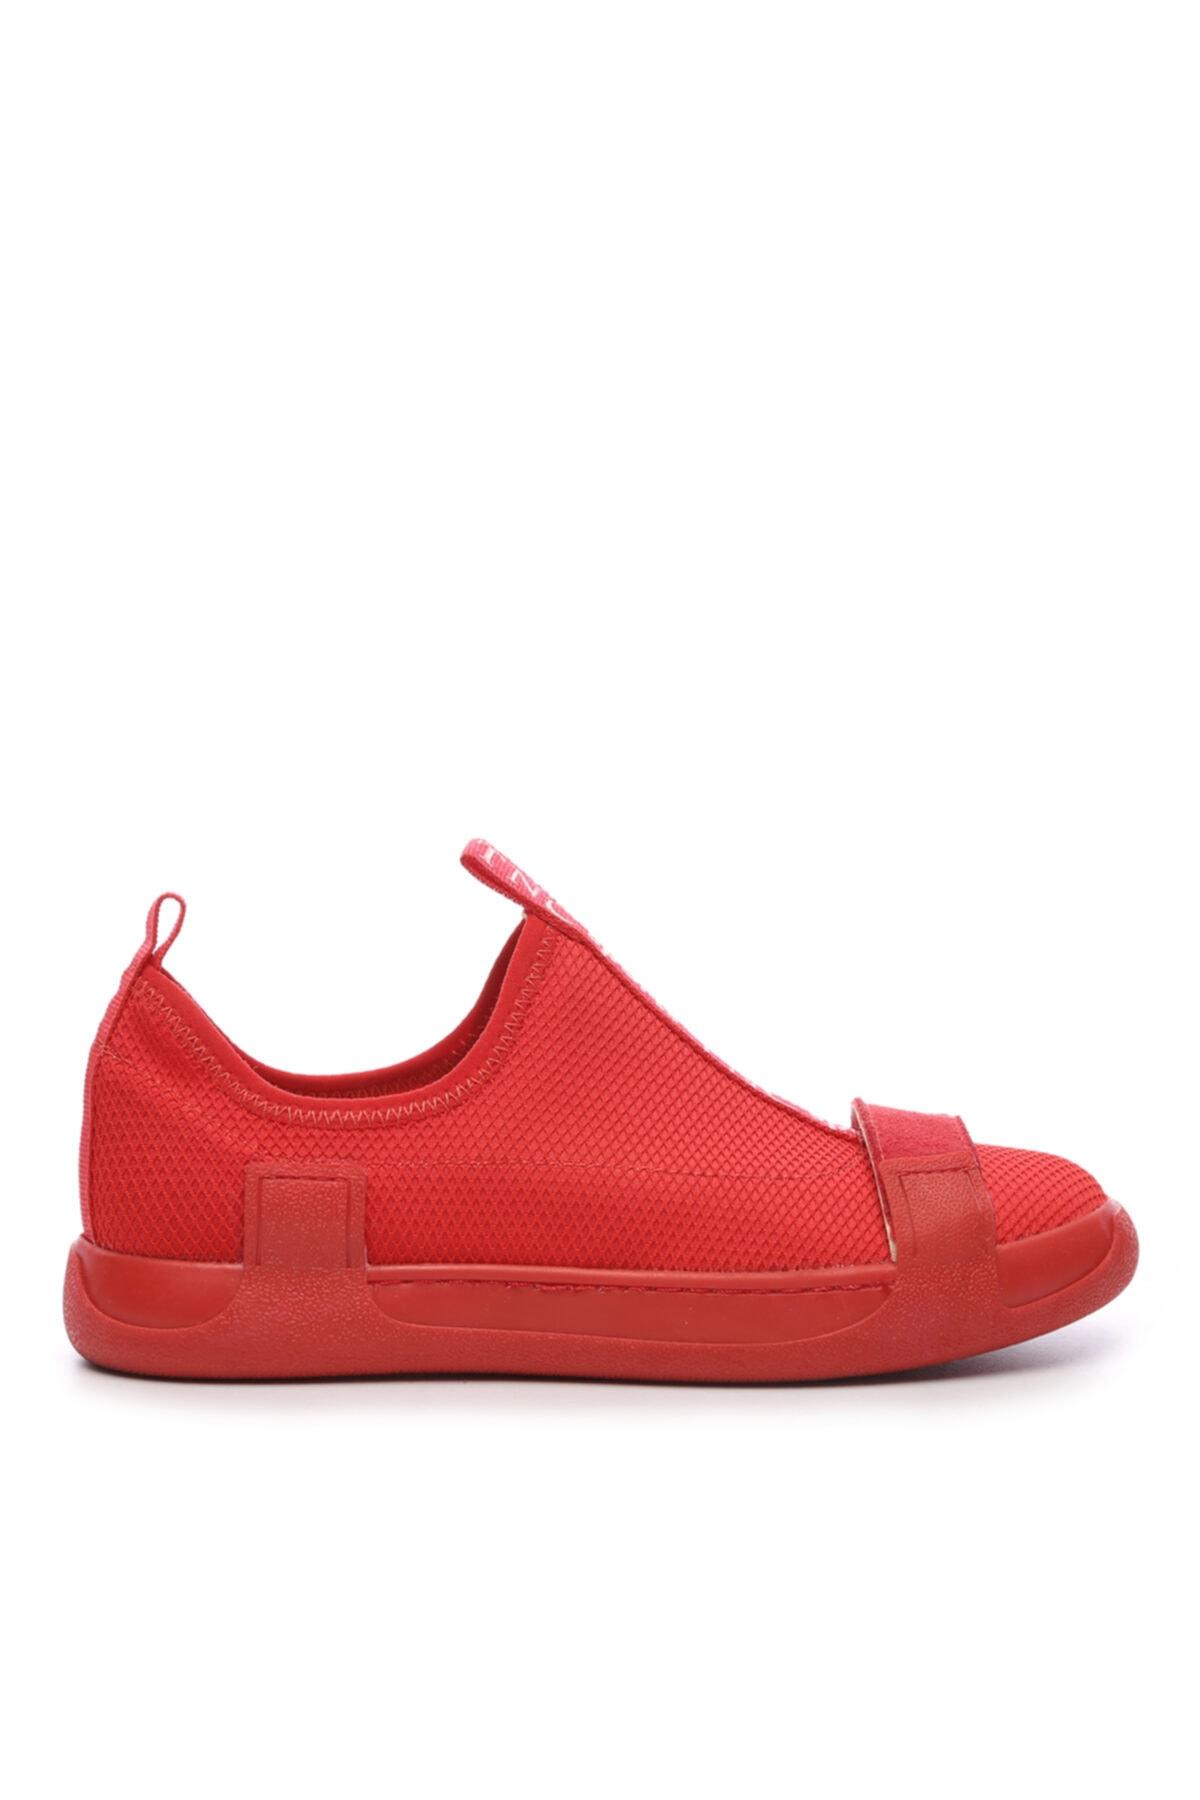 KEMAL TANCA Kadın Tekstıl Sneakers & Spor Ayakkabı 402 8800 Tr Bn Ayk Y19 1